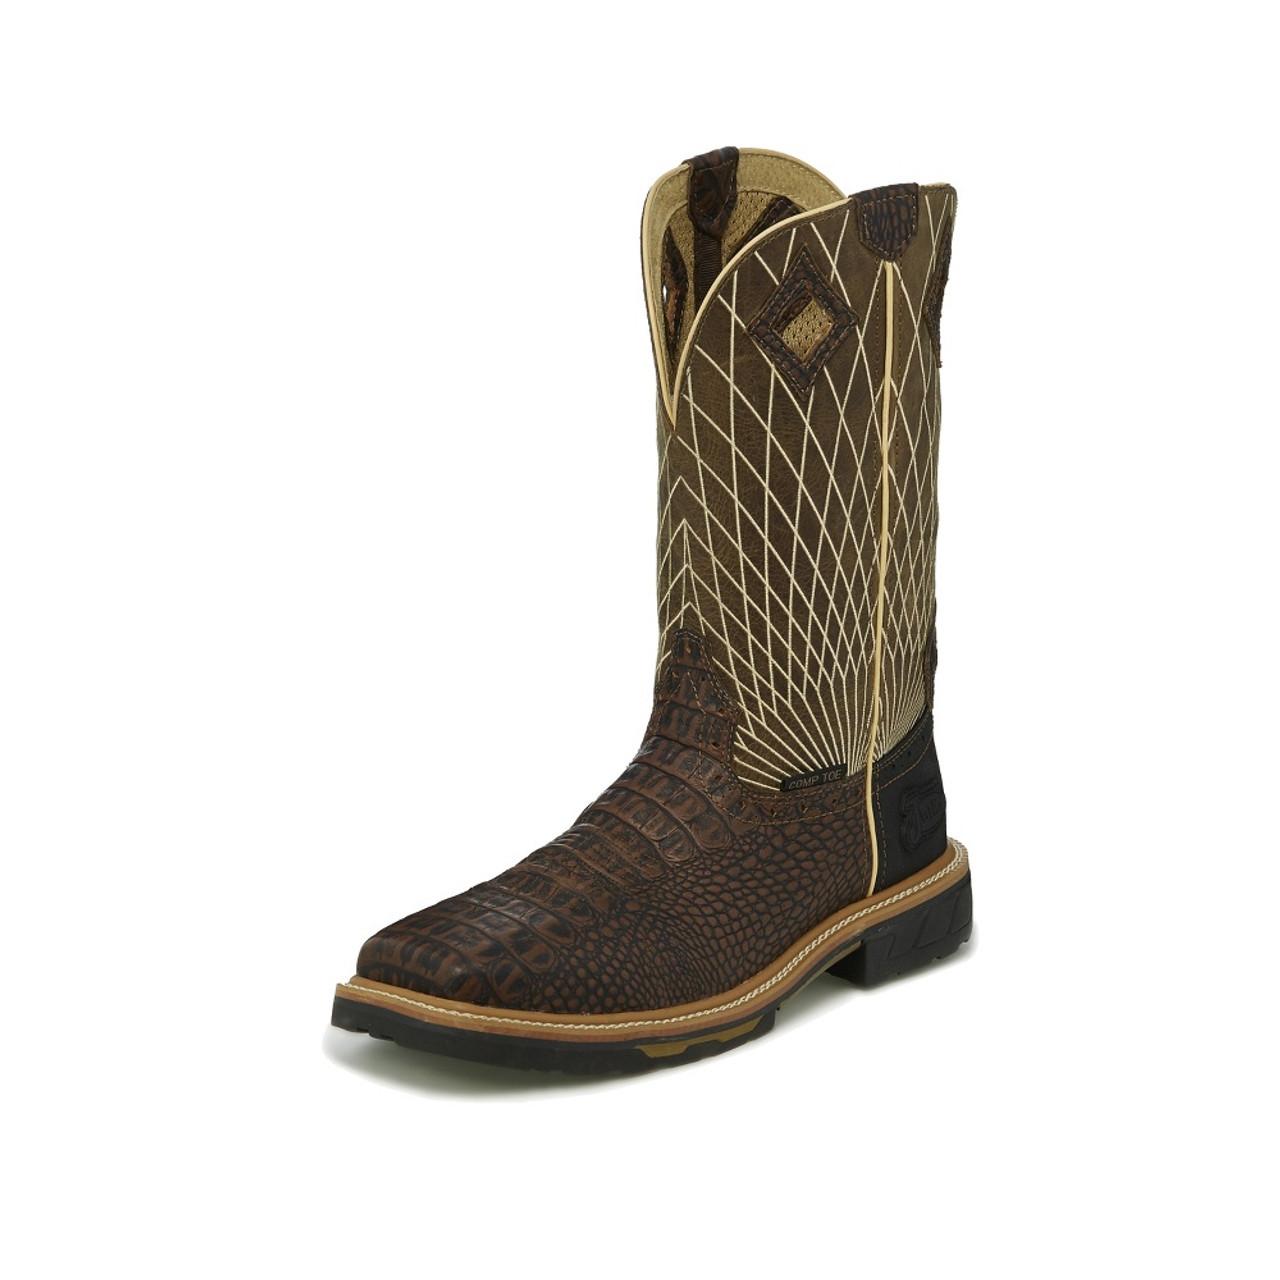 61d6acf4fab Justin Boots Men's Work Boots - Derrickman Croc Print - Composite Toe